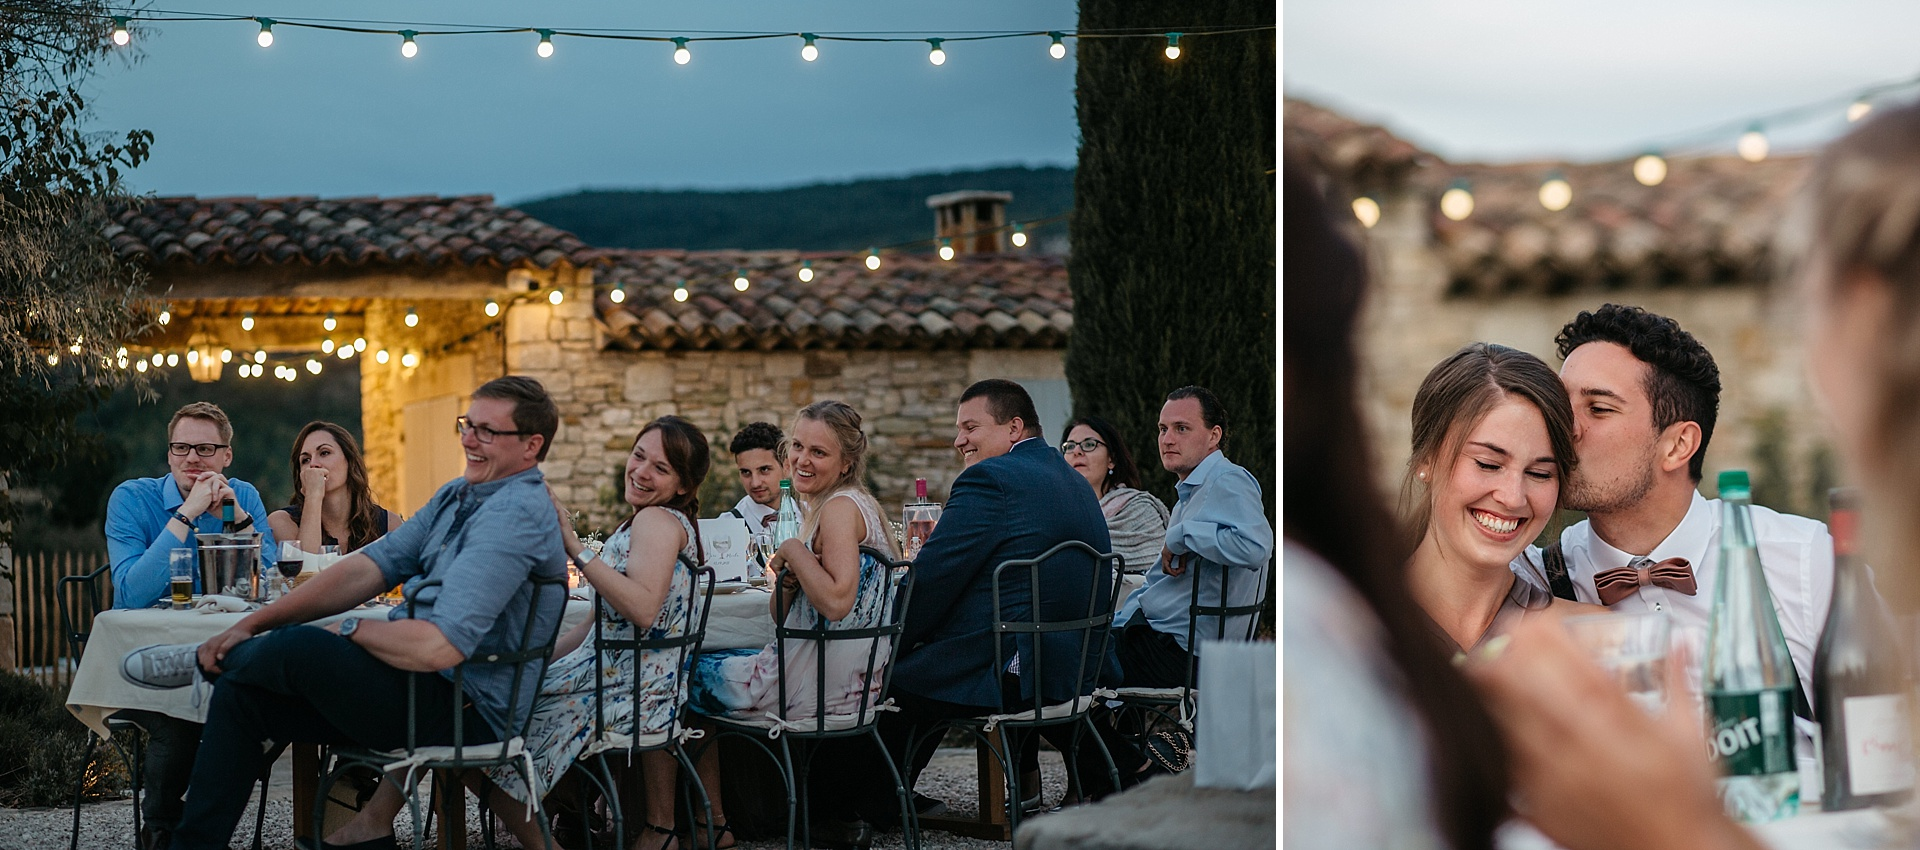 Traumhafte Hochzeit in der Provence. Die glücklichen Freunde.